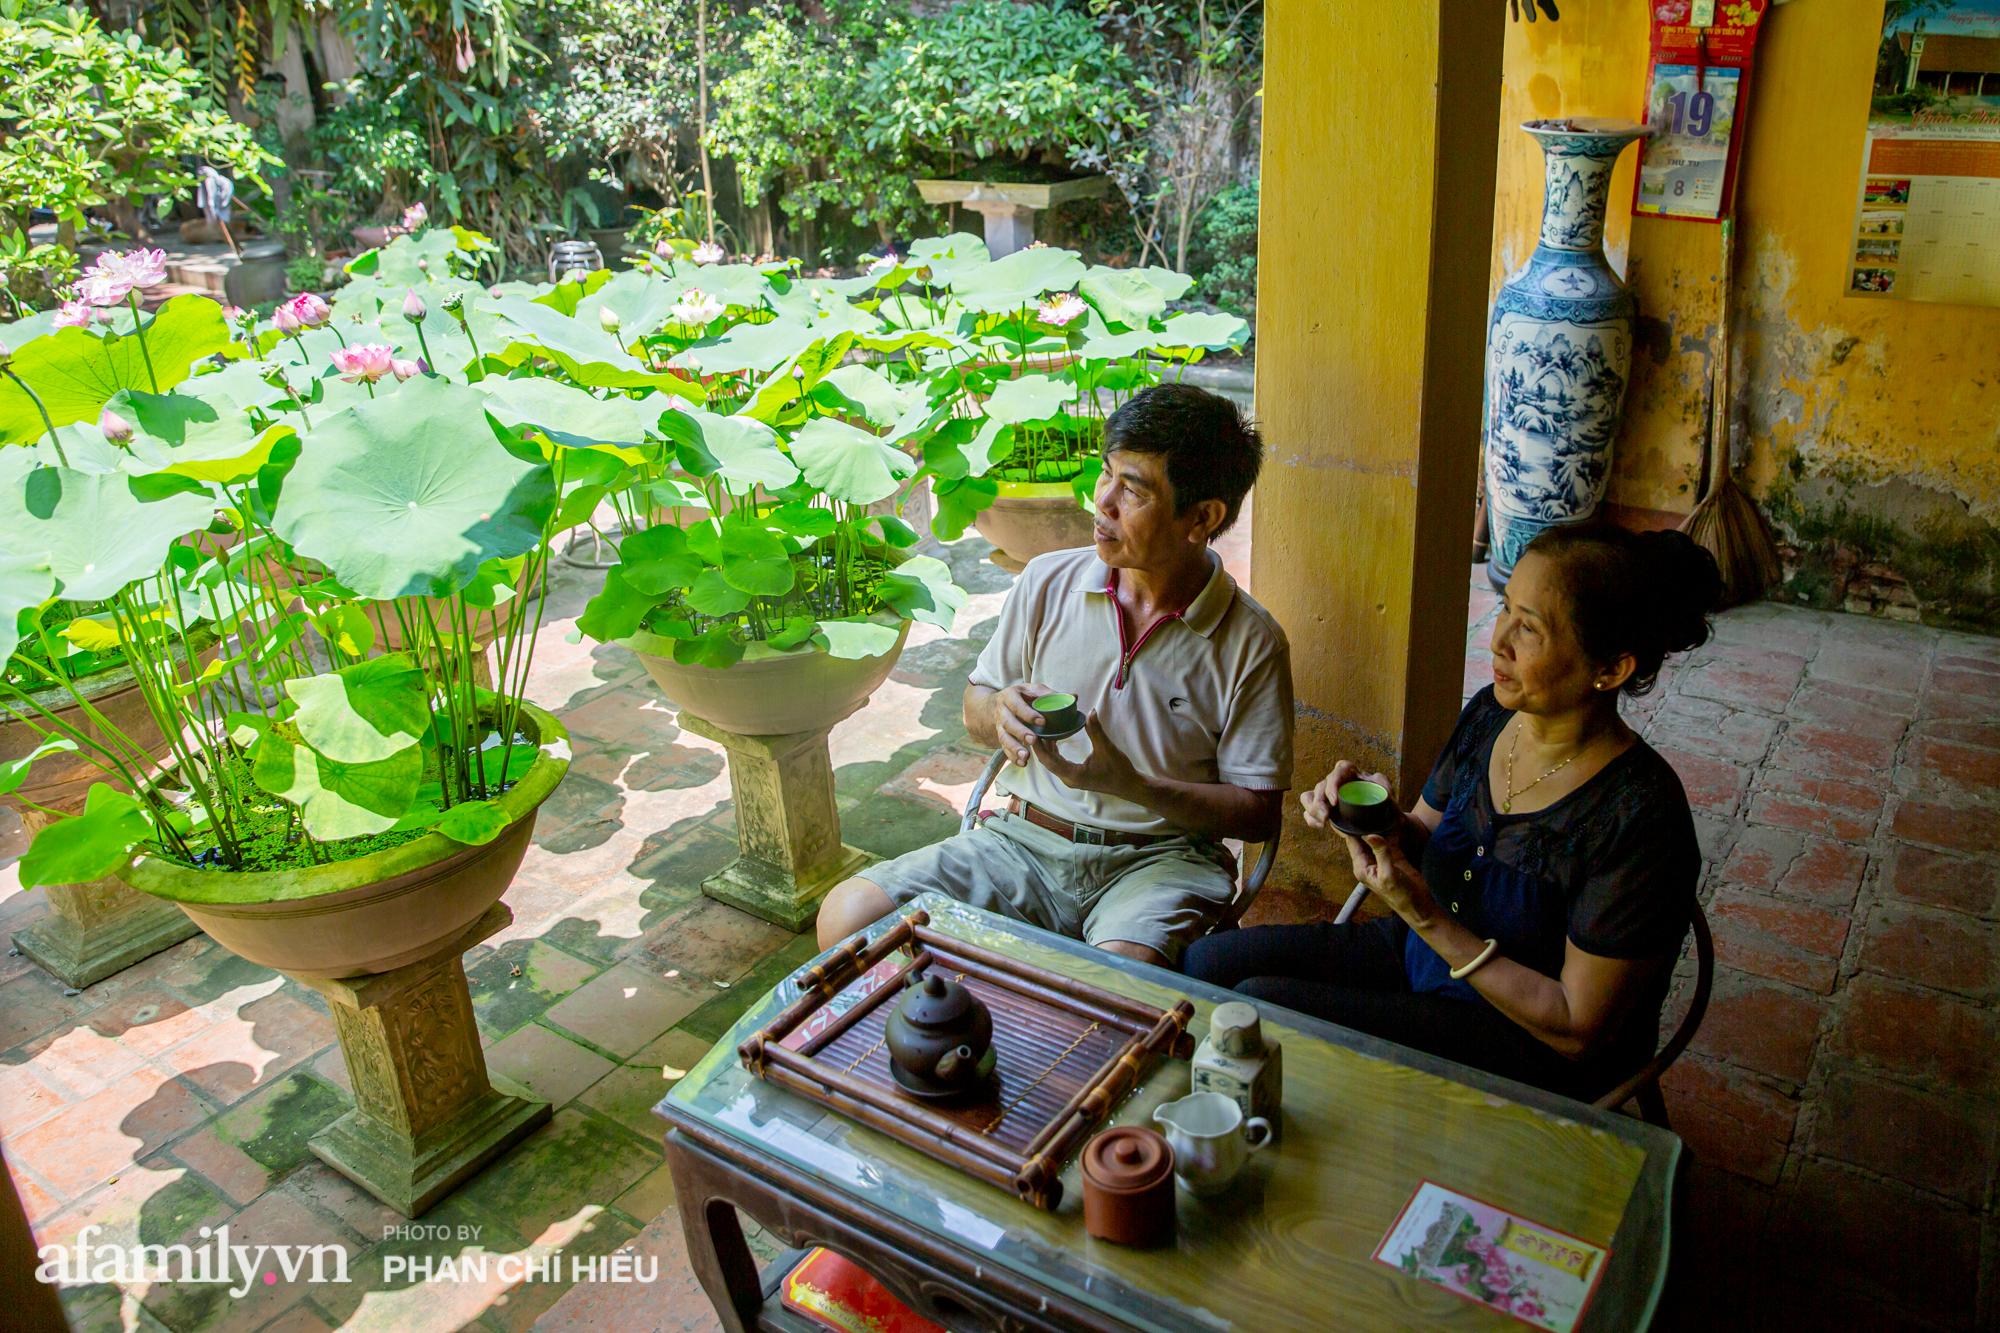 Đôi vợ chồng sở hữu căn nhà cổ 100 năm tuổi tại Hà Nội sưu tập và trồng hàng trăm gốc sen cung đình Huế quanh nhà khiến ai đi qua cũng phải trầm trồ - Ảnh 13.